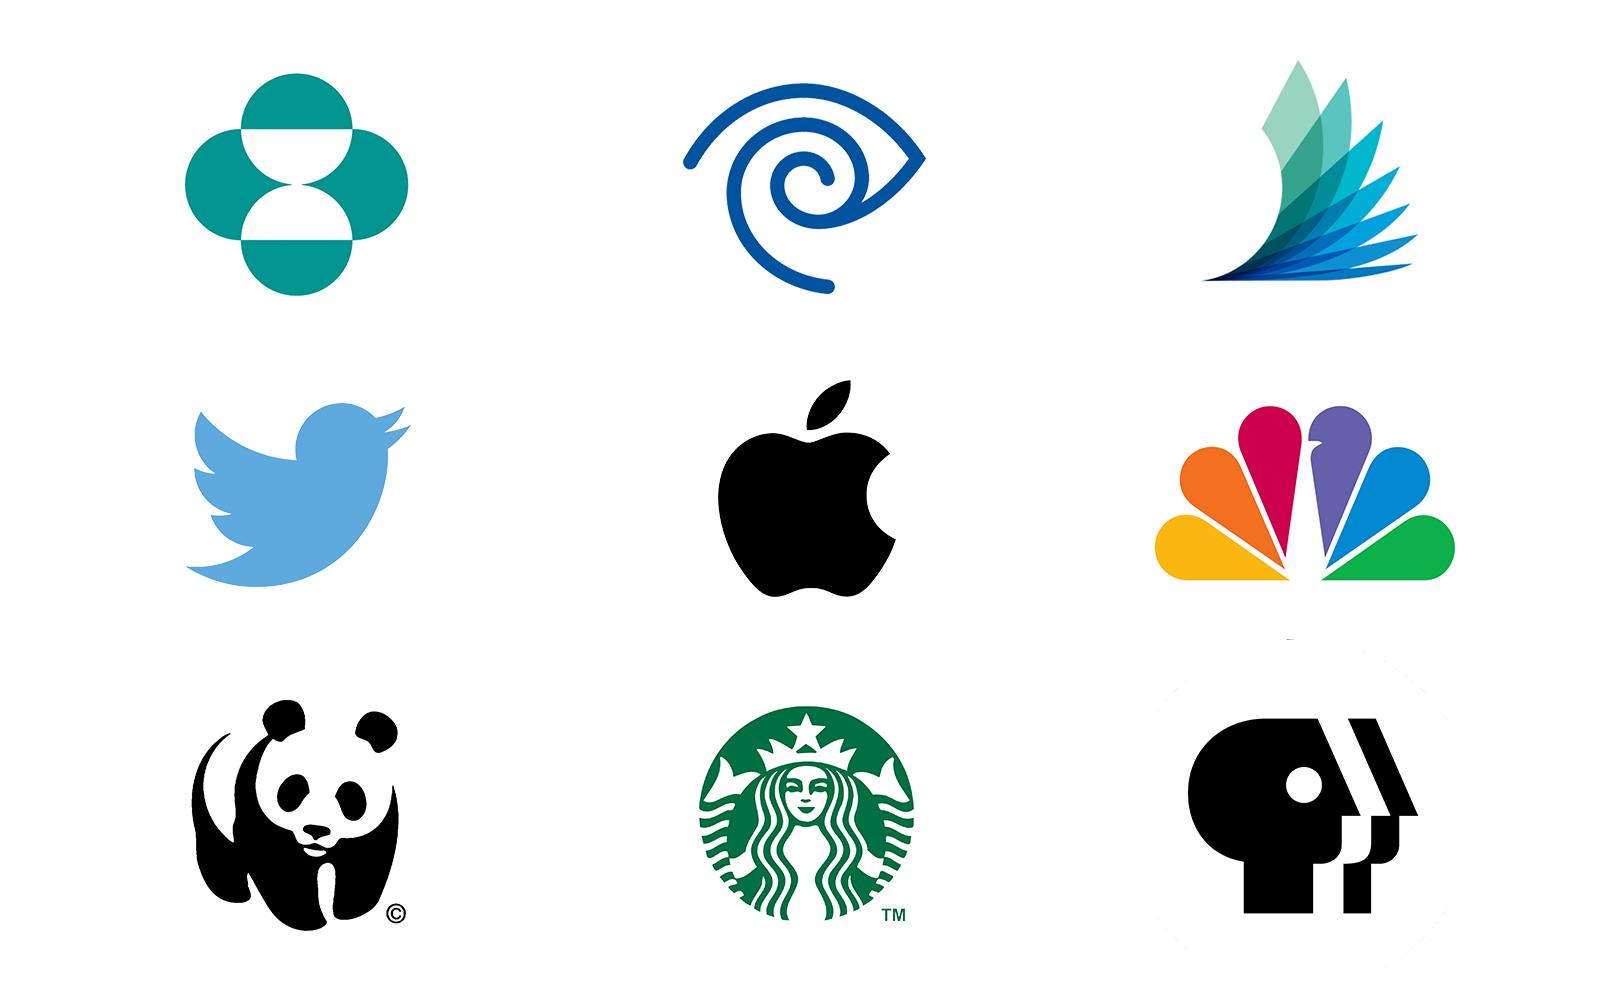 картинки логотипов на бланке куриных ножек